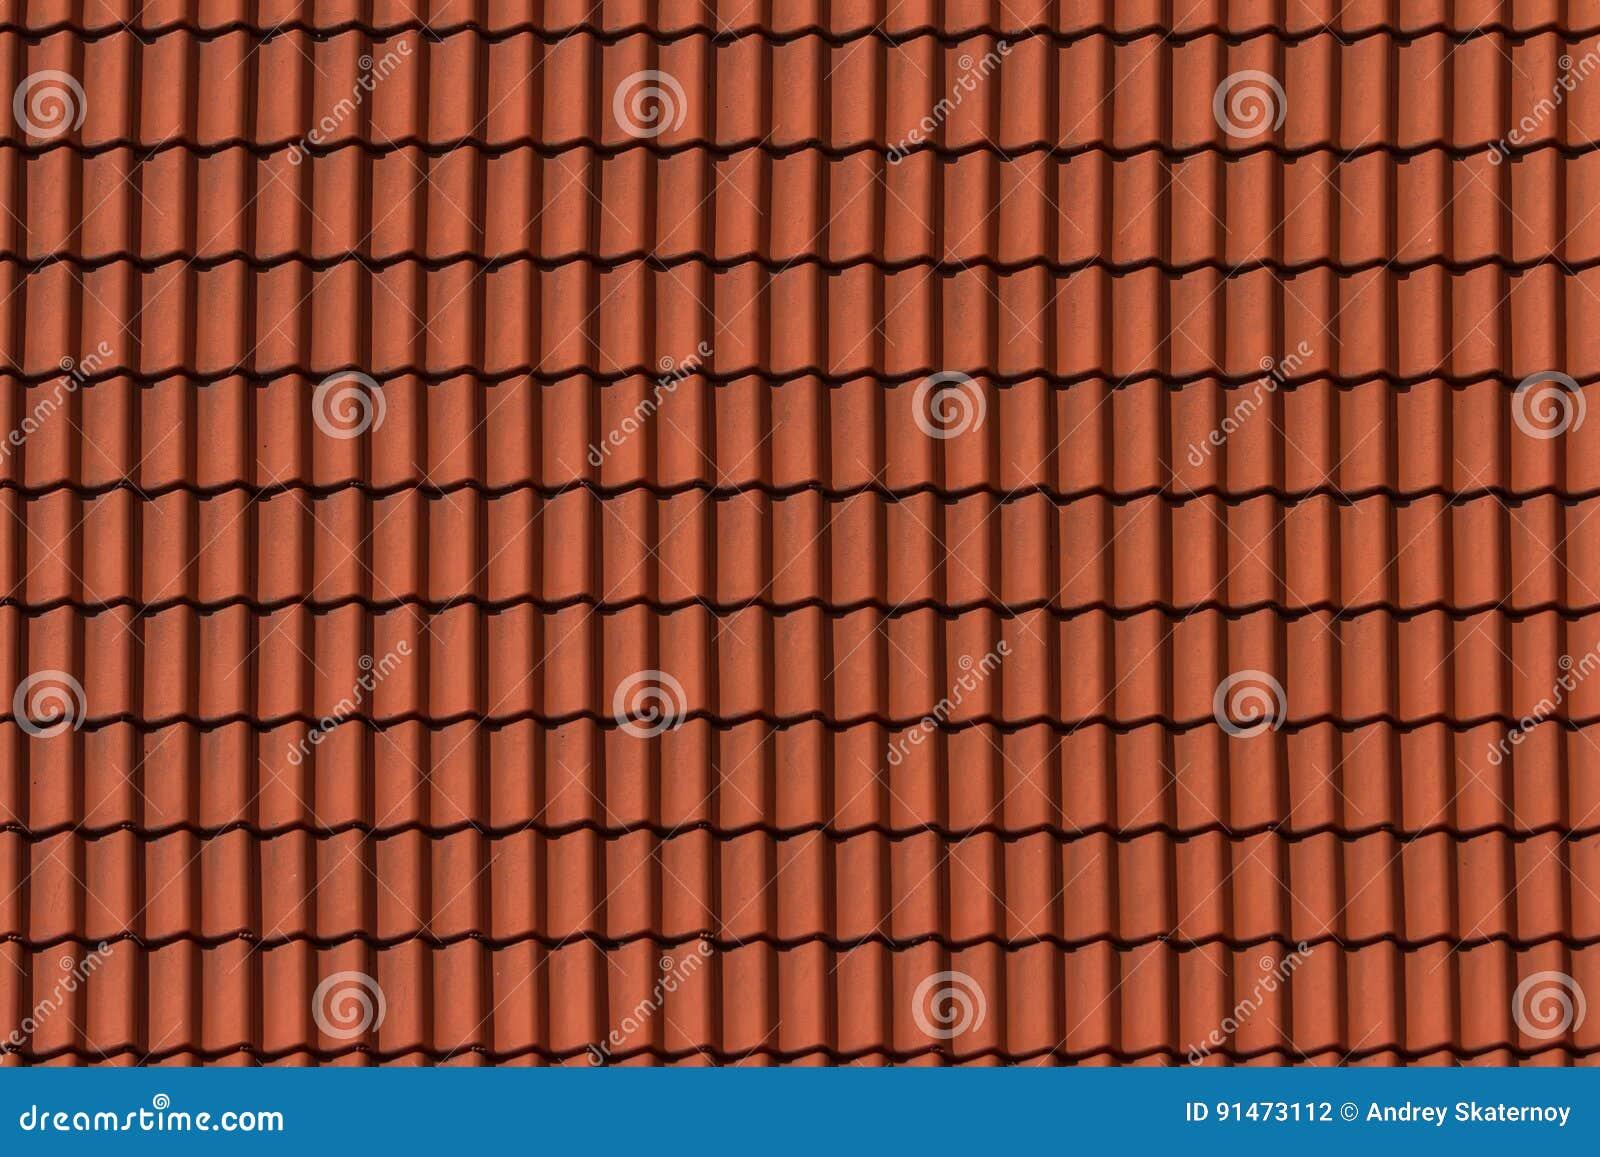 Texture De Tuile De Toit Photo Stock Image Du Structure 91473112